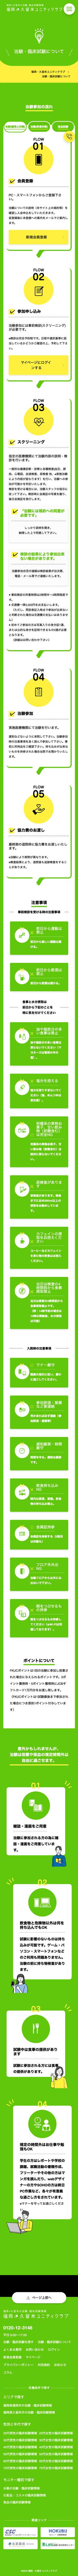 福岡・久留米ユニティクラブ様 SP画像